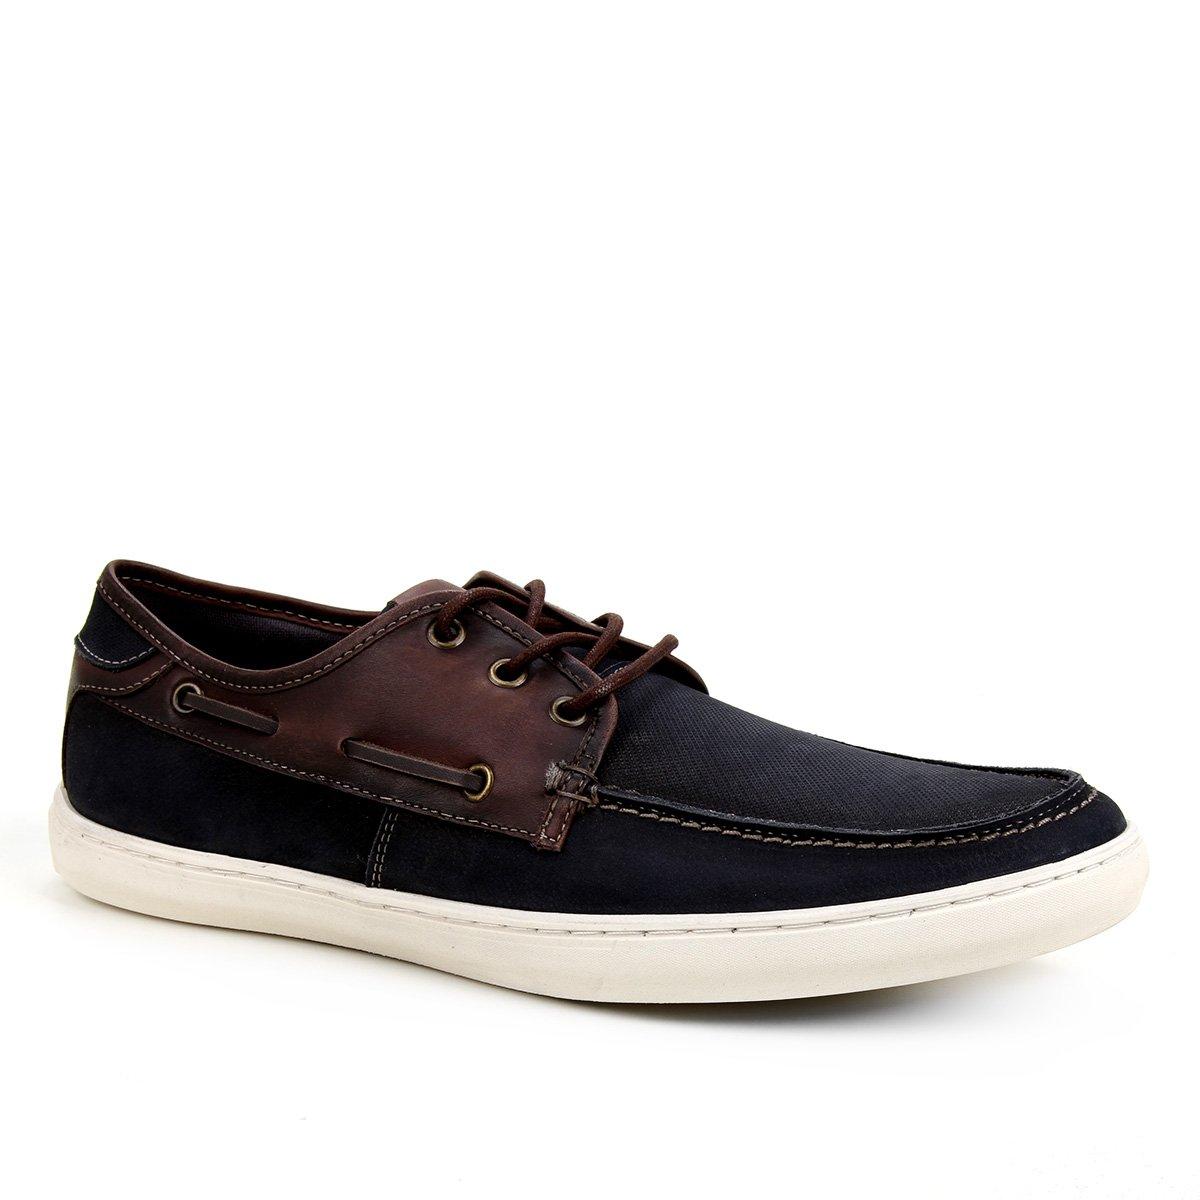 Sapato Casual Shoestock Dockside Stoned Masculino